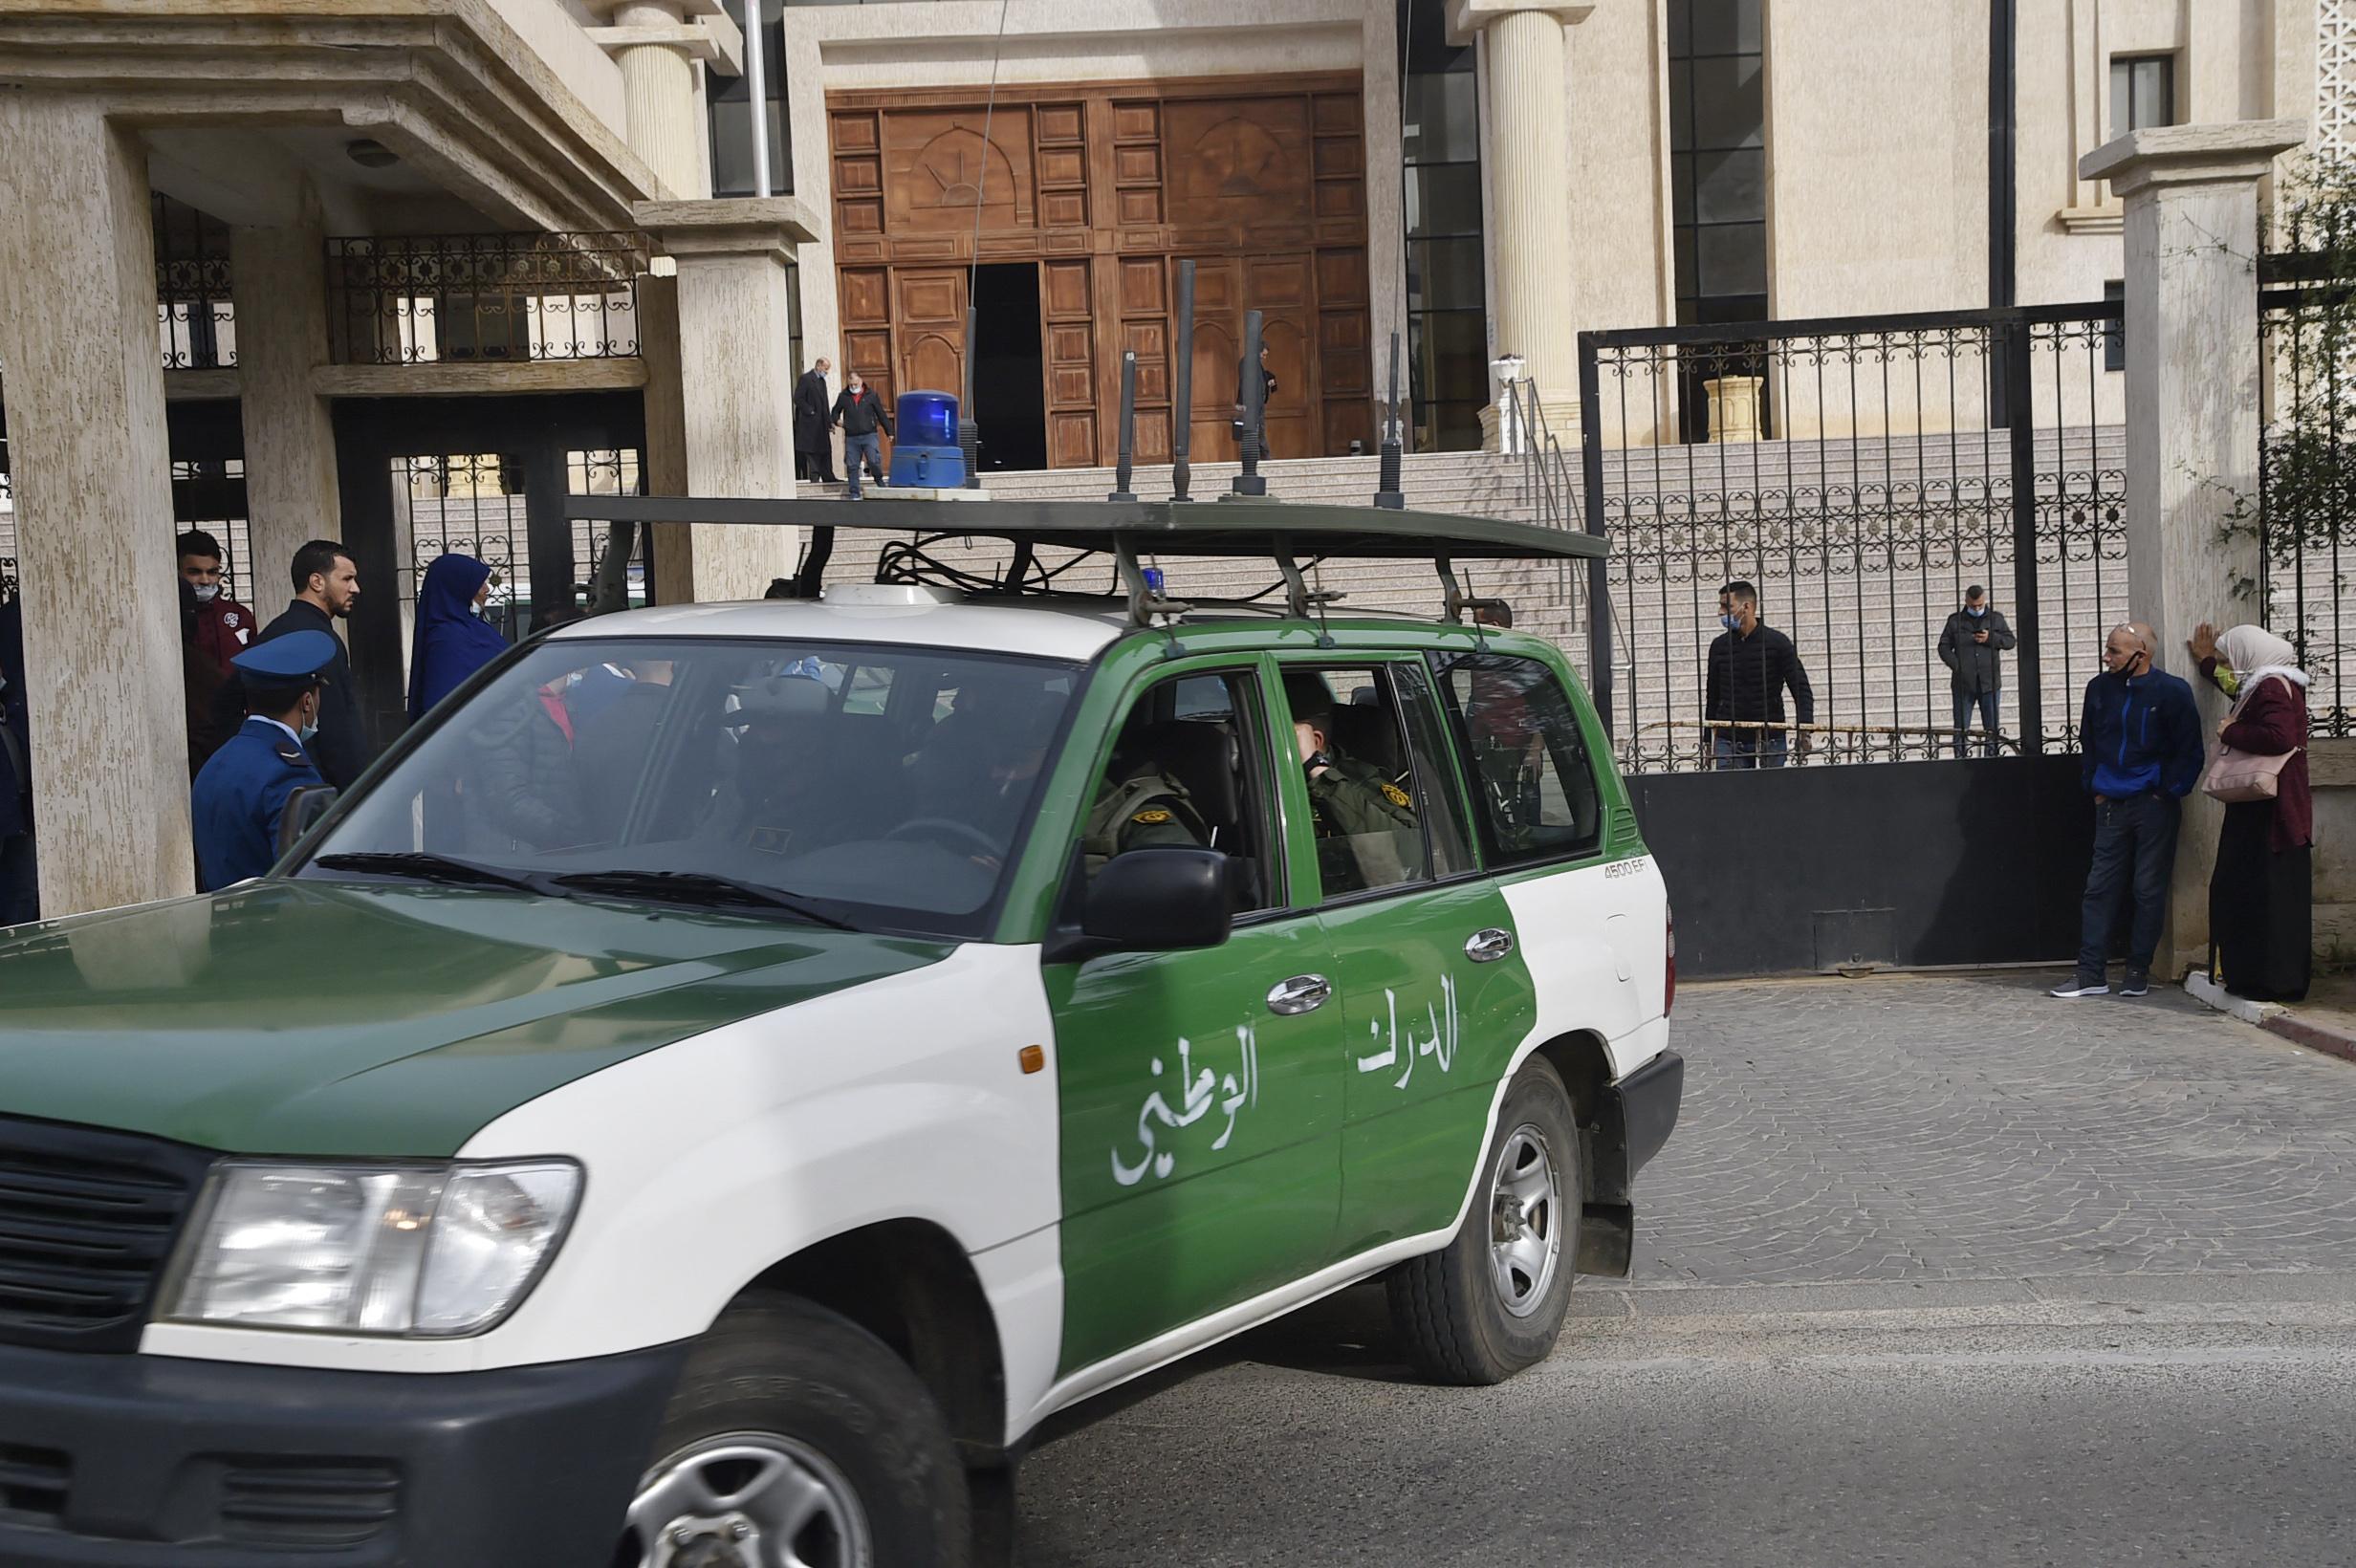 Le journaliste algérien Raba Karache a été condamné à 1 an de prison pour  fausses nouvelles et charges contre le gouvernement